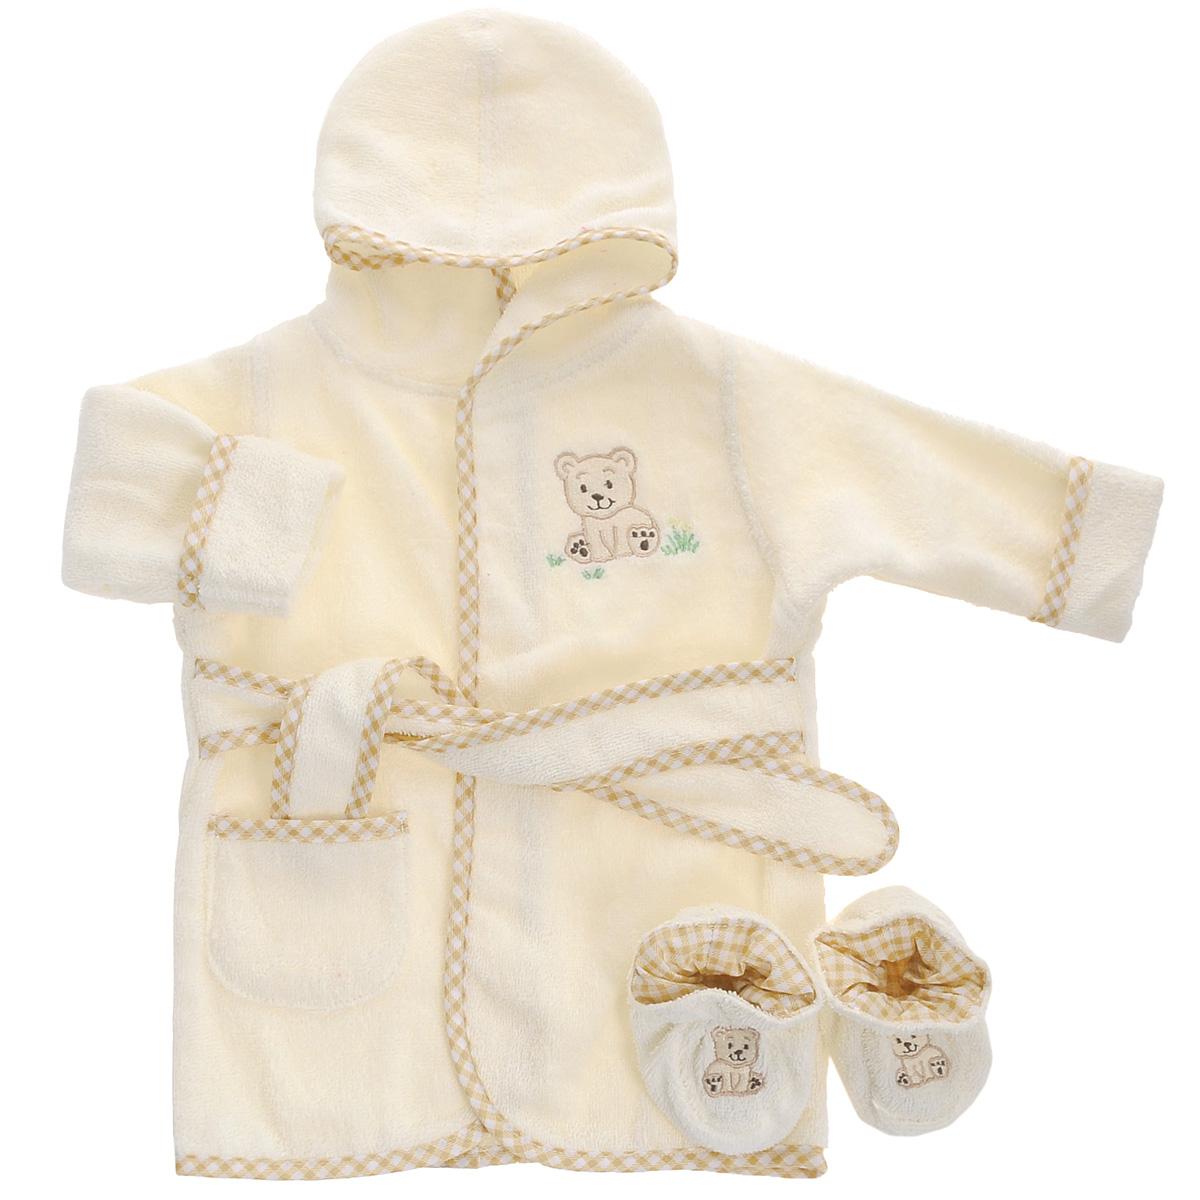 Комплект одеждыBR W001Прекрасный комплект для новорожденного Мишка из коллекции Spasilk состоит из банного халатика с капюшоном и пинеток. Махровая поверхность хорошо впитывает влагу, защищая малыша от переохлаждения. Халатик и пинетки оформлены веселыми вышивками с изображением мишек. Халат на талии дополнен широким пояском, а с боку имеется небольшой накладной кармашек. В таком комплекте вашему малышу будет тепло и уютно после купания.